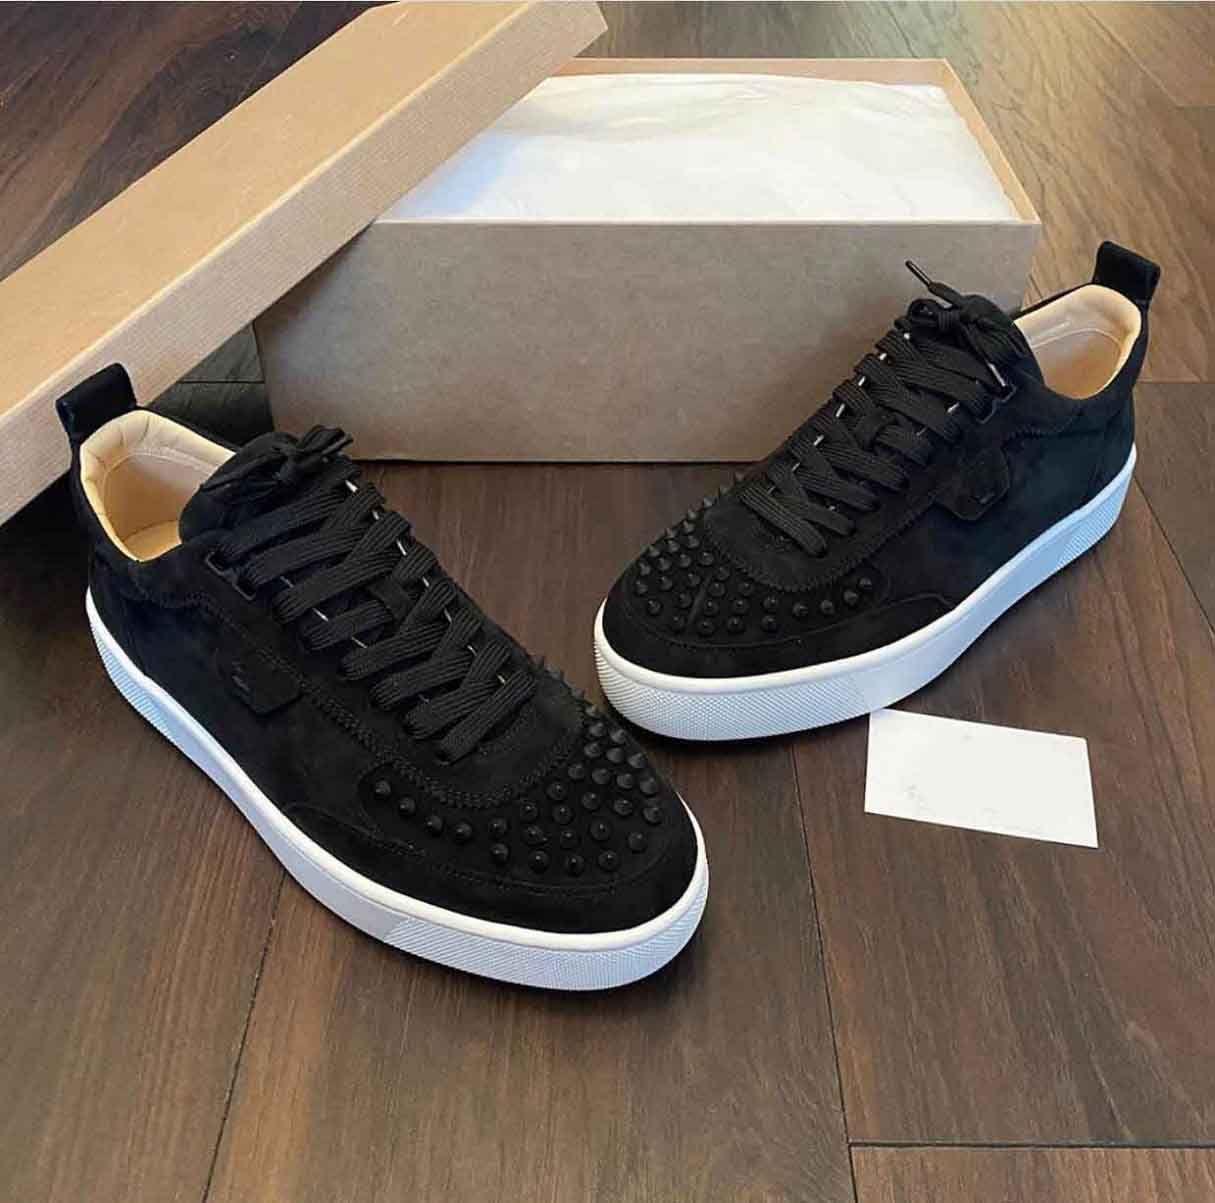 Mükemmel Markalar HappyRui Kırmızı Alt Sneakers Ayakkabı erkek Rahat Yürüyüş Tasarımcısı Platfrom Lesure Lüks Traniner Parti Düğün AB35-47, Kutusu Ile